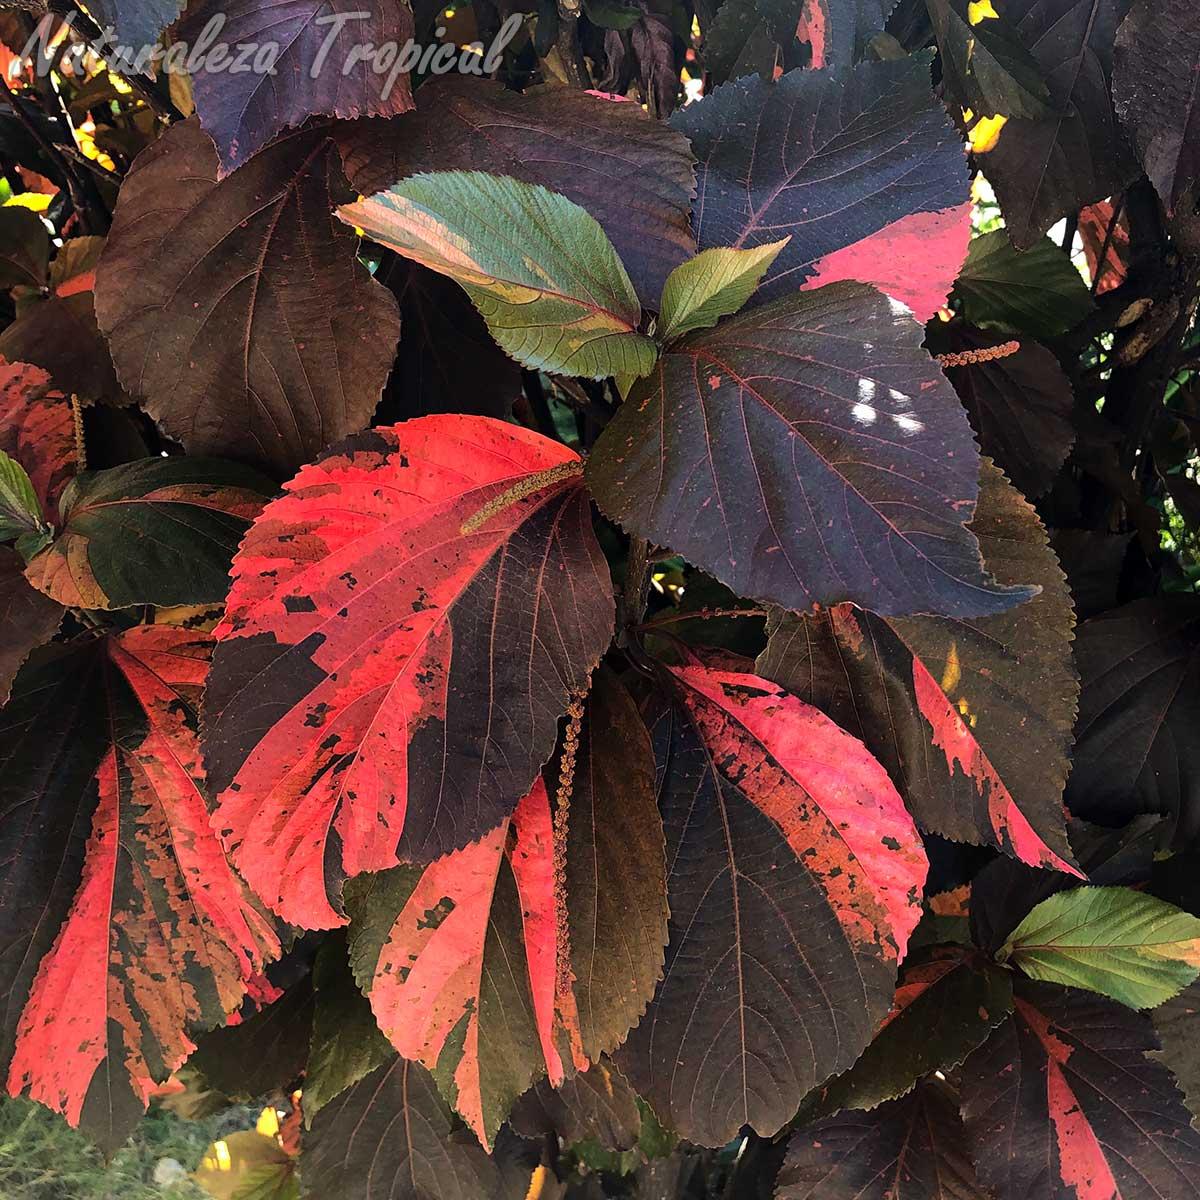 Vista de las hojas e inflorescencias de la planta ornamental Acalypha wilkesiana